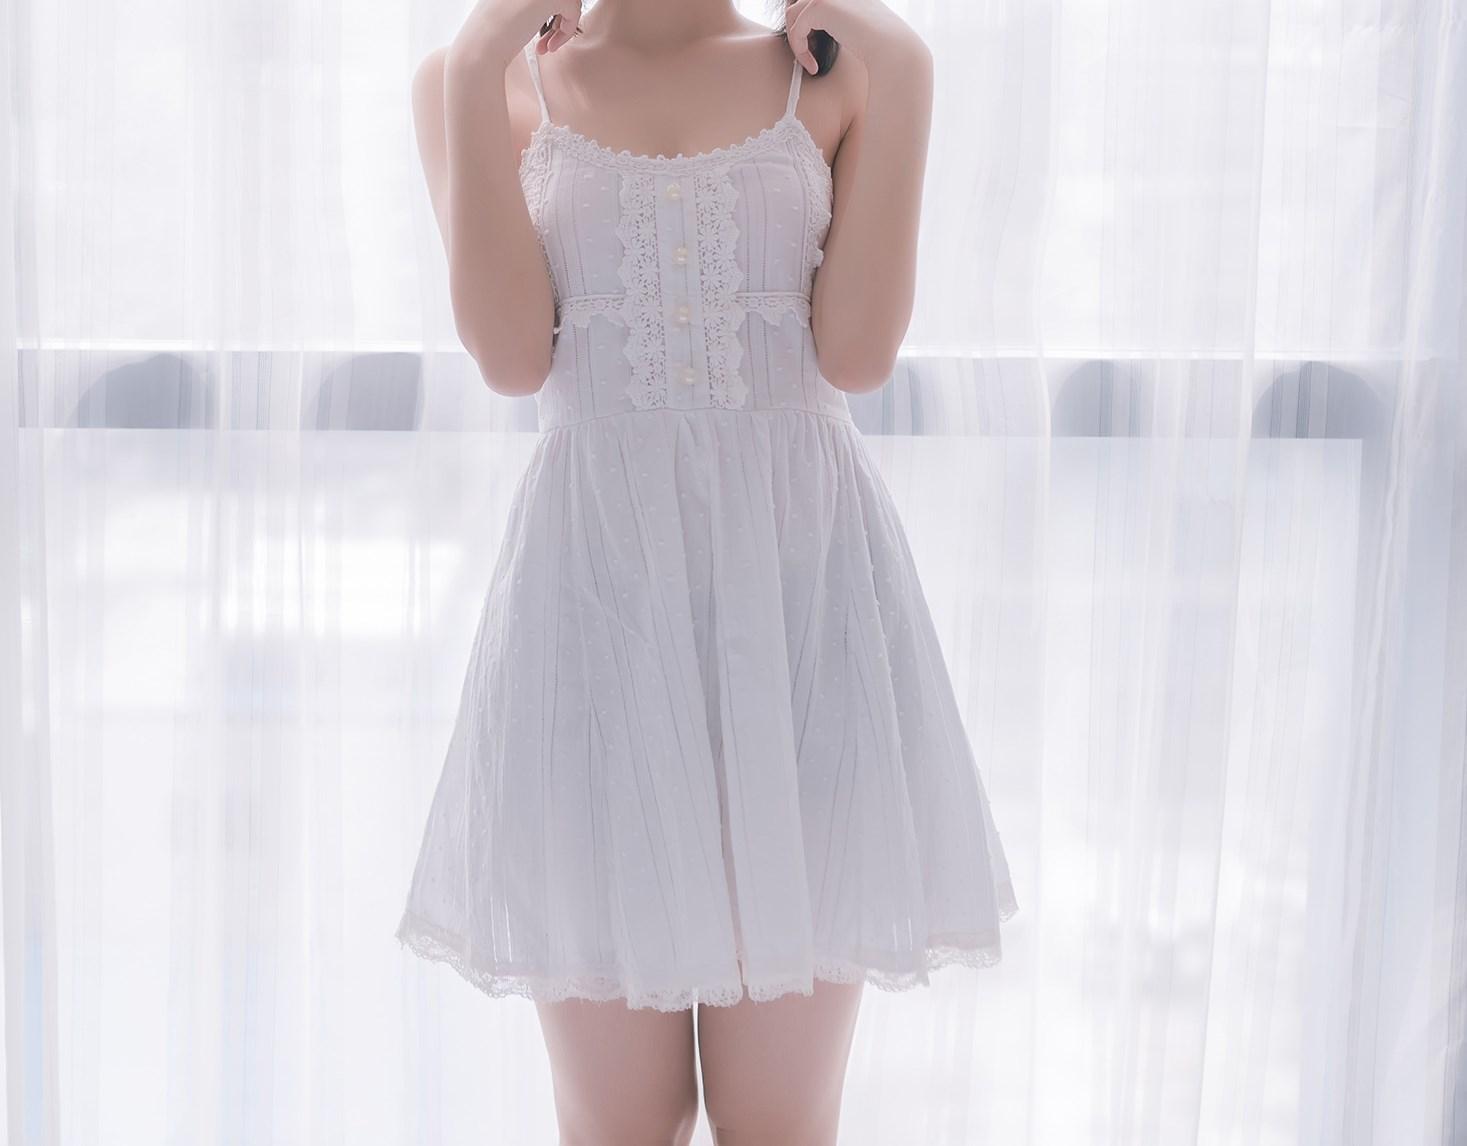 【兔玩映画】白裙双马尾 兔玩映画 第6张